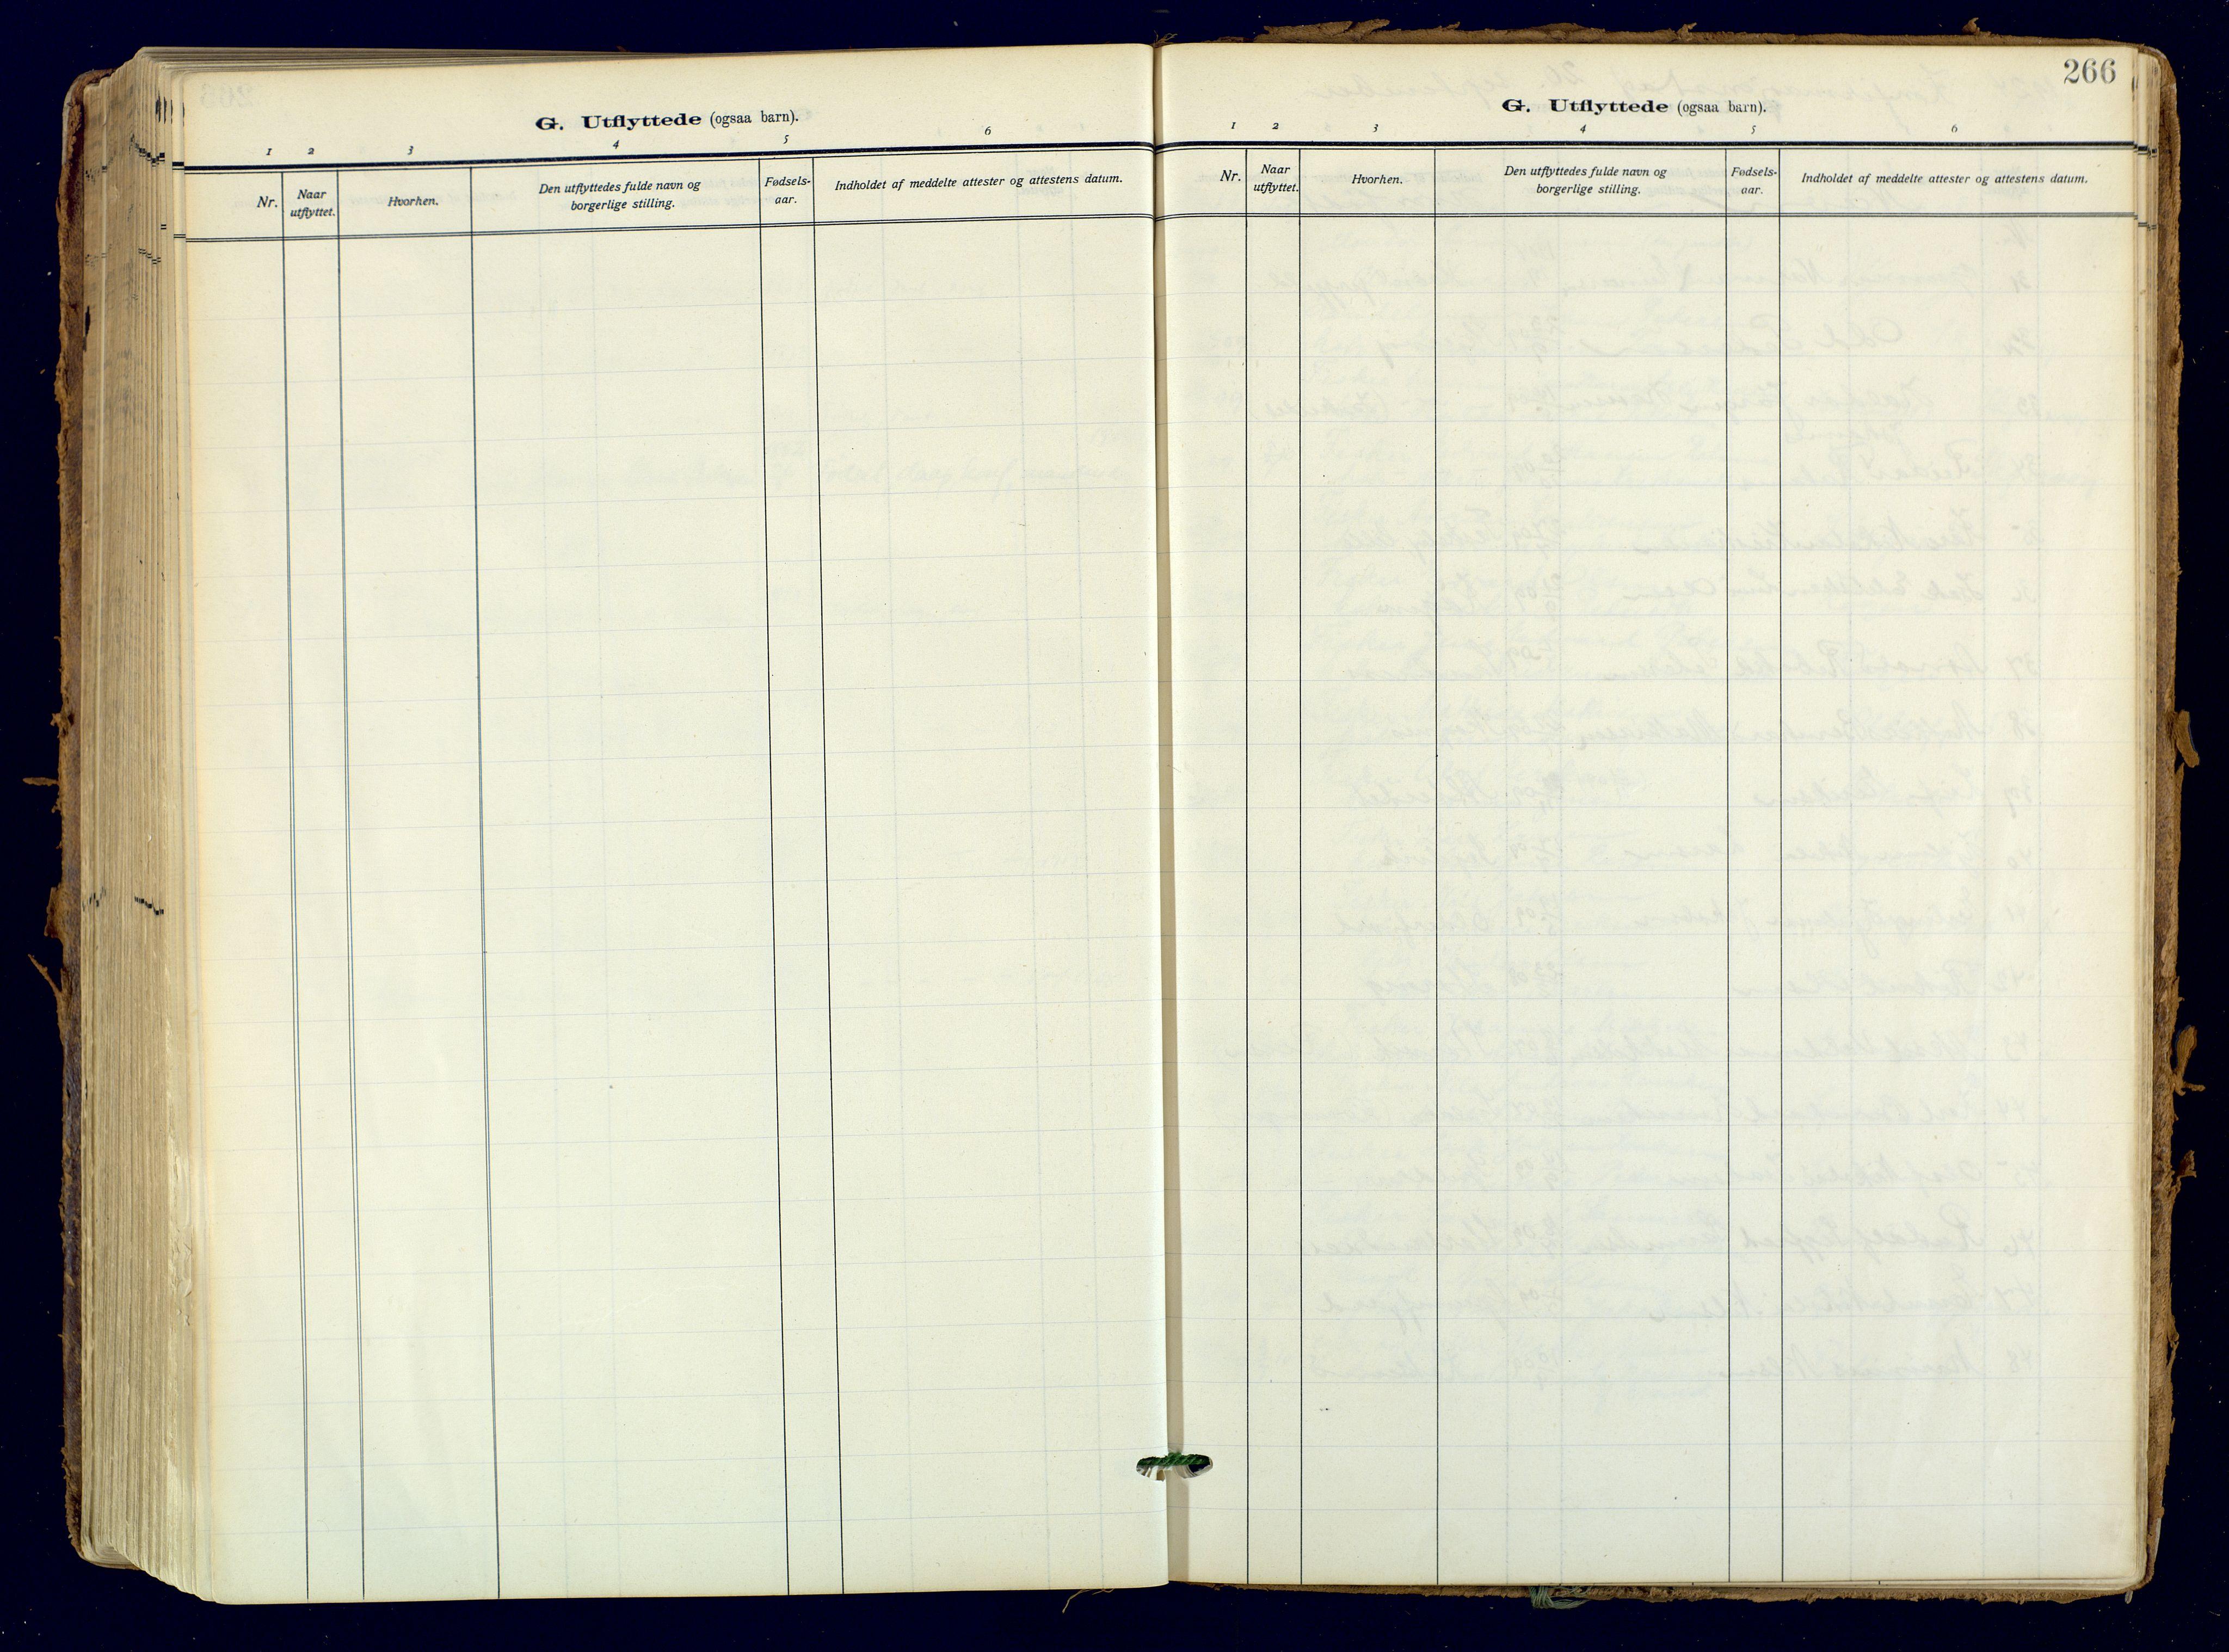 SATØ, Skjervøy sokneprestkontor, H/Ha/Haa: Ministerialbok nr. 18, 1910-1926, s. 266